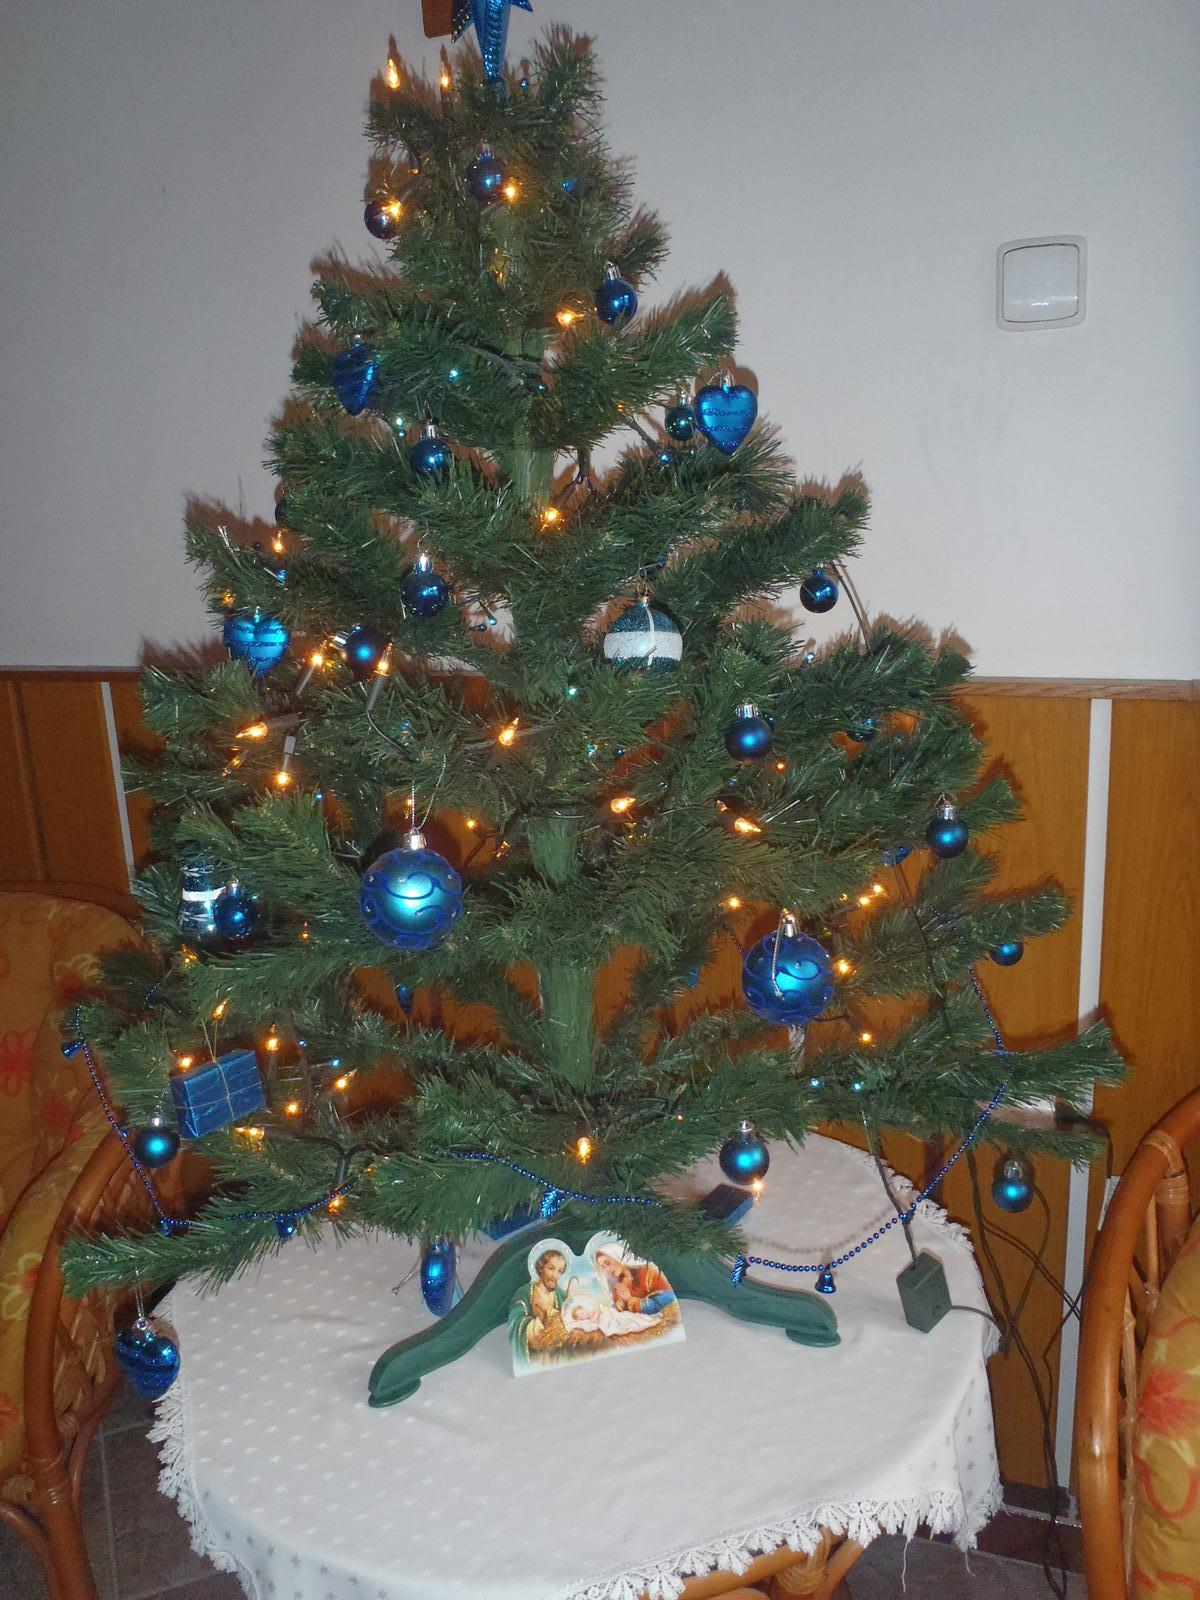 Vánoce 2012 - tohle je na chodbě ještě jeden stromeček, ten rozostřený